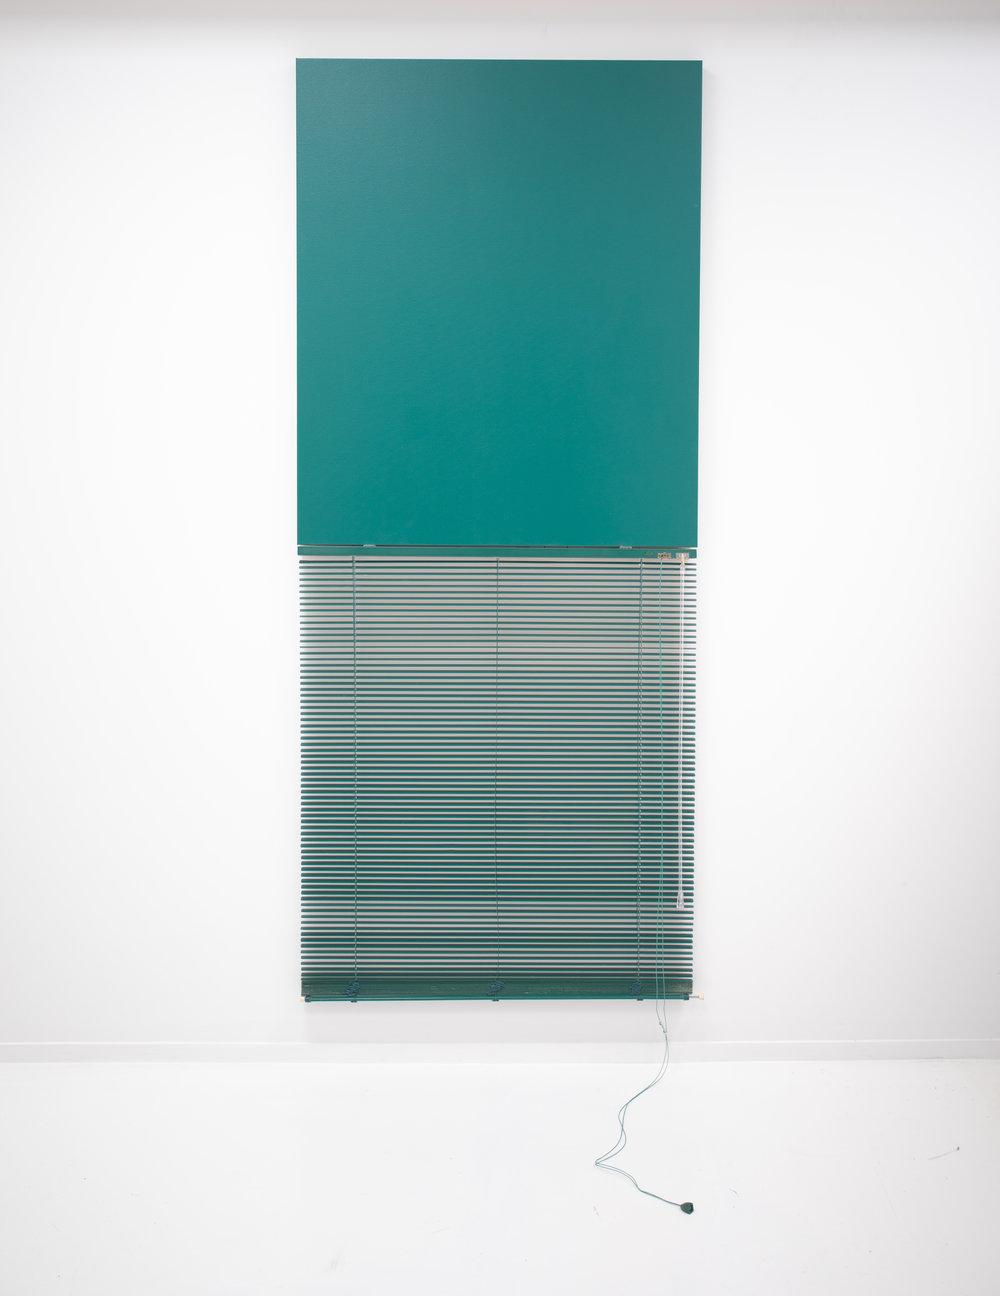 ED BATS Blind Mono (Teal), 2018  Acrylic, canvas & venetian blind  83.5 x 83.5 cm